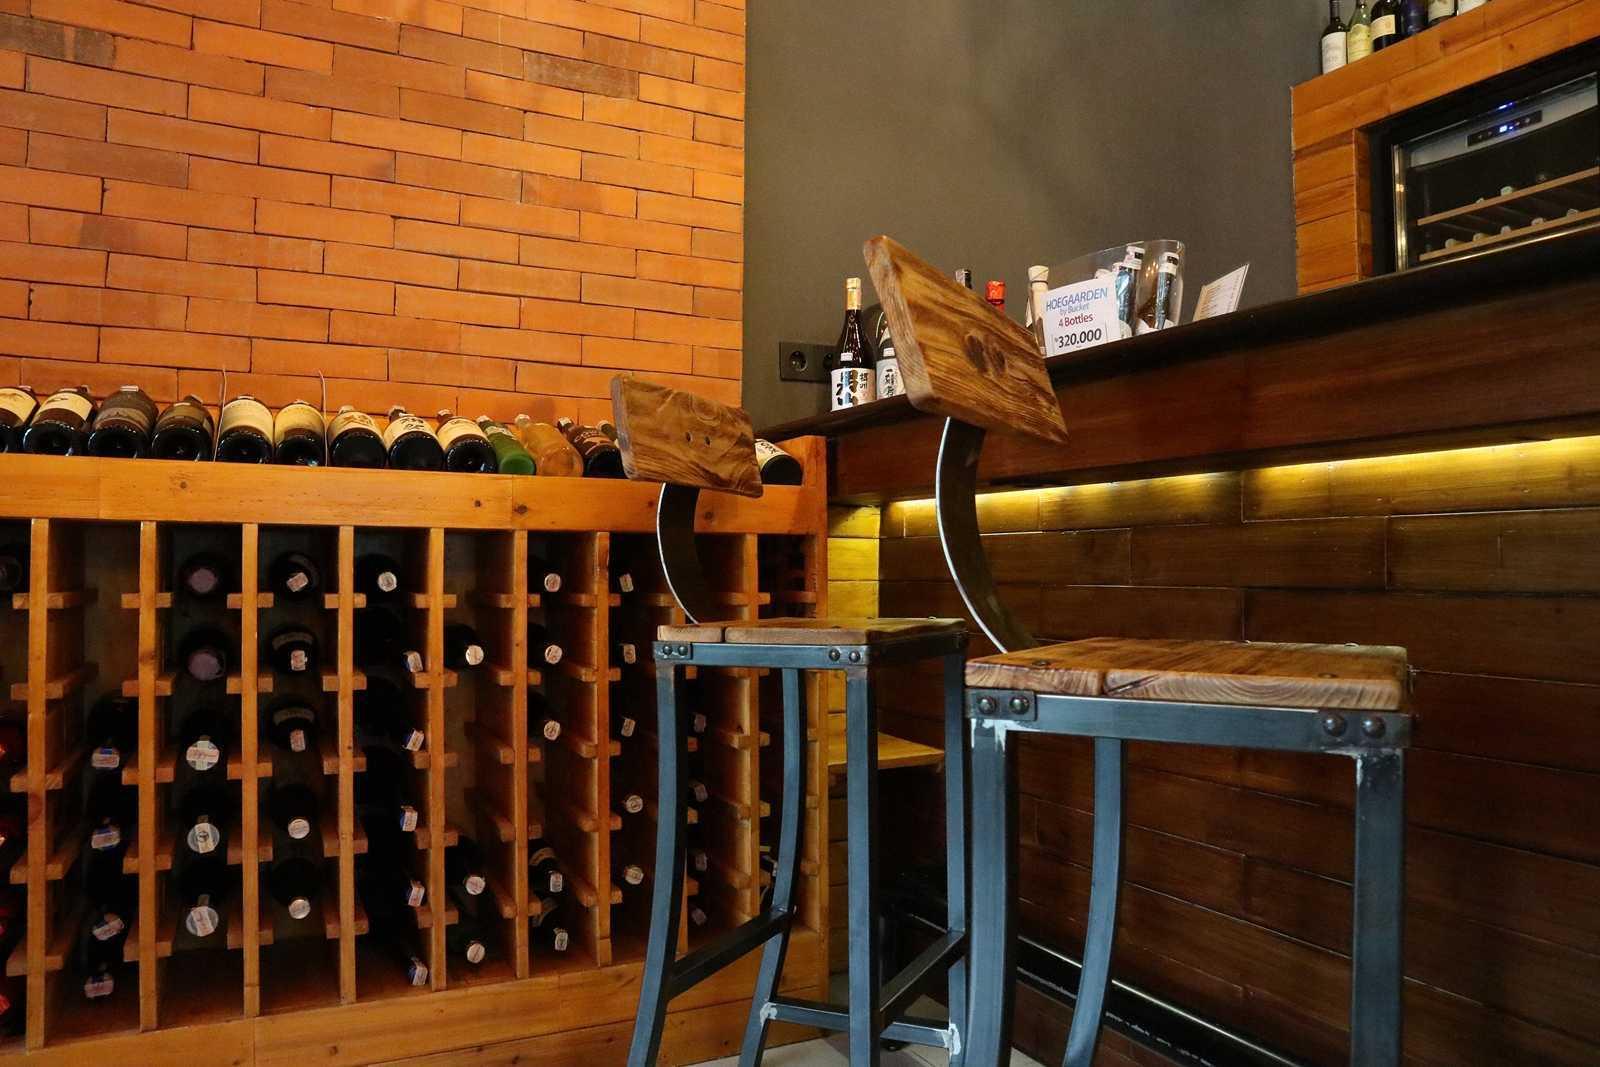 Bd Studio The Traders - Wine Sake Room Medan, Kota Medan, Sumatera Utara, Indonesia Medan, Kota Medan, Sumatera Utara, Indonesia Bd-Studio-The-Trader-Wine-Sake-Room   74079